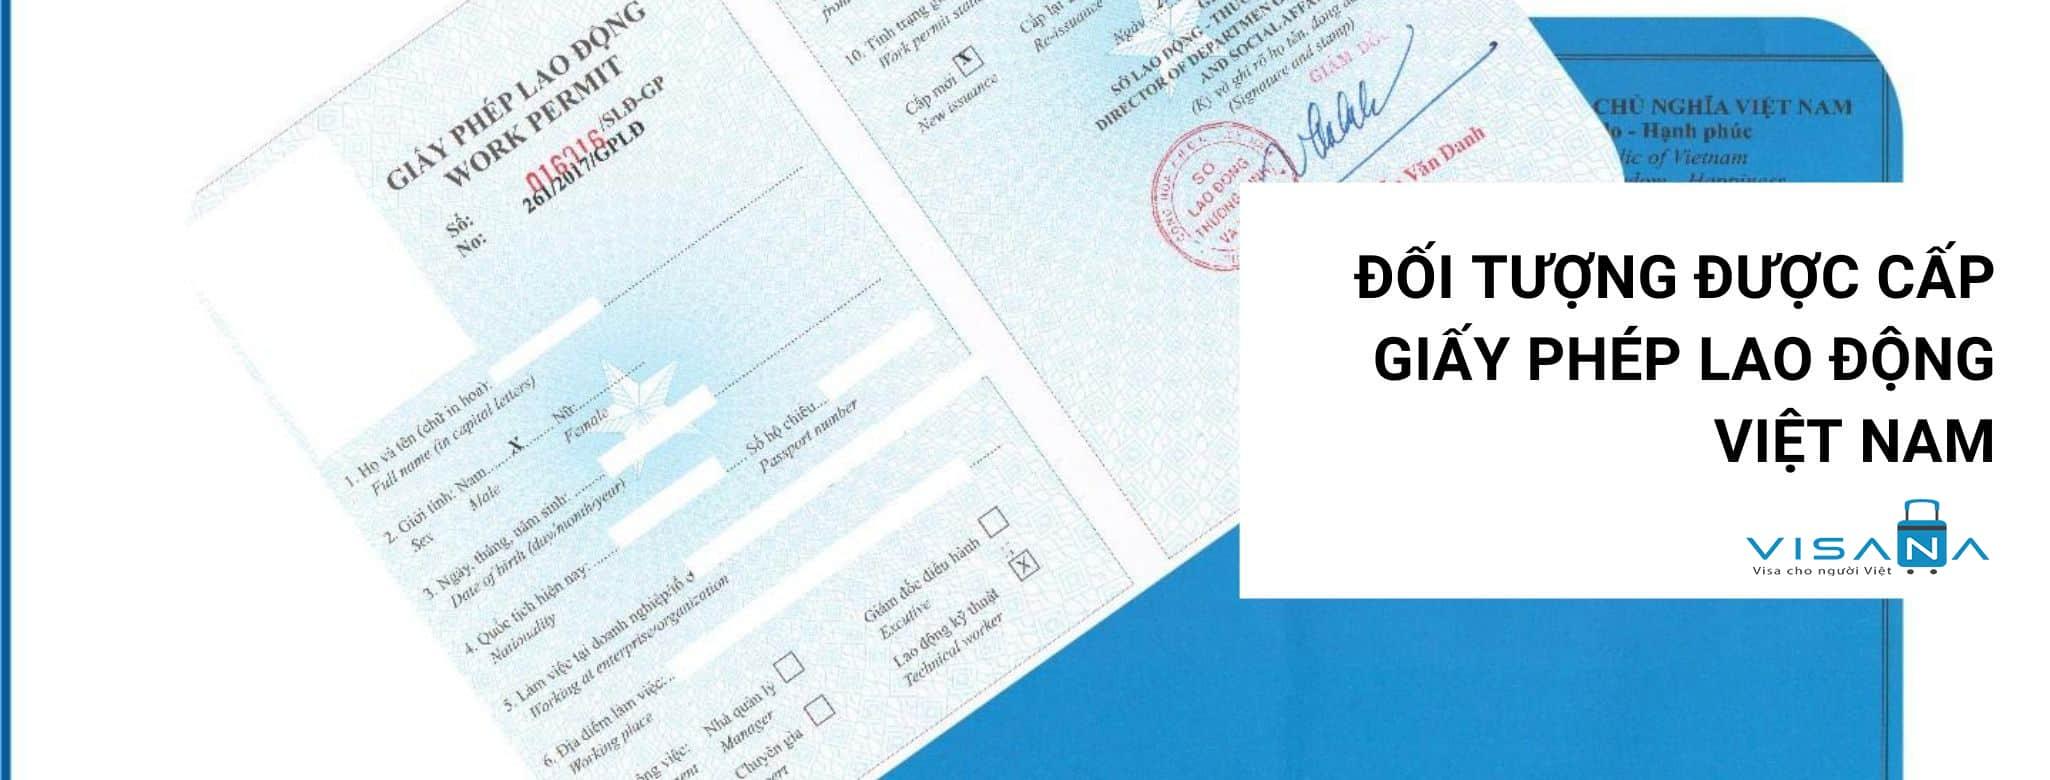 Đối tượng người nước ngoài được cấp giấy phép lao động Việt Nam